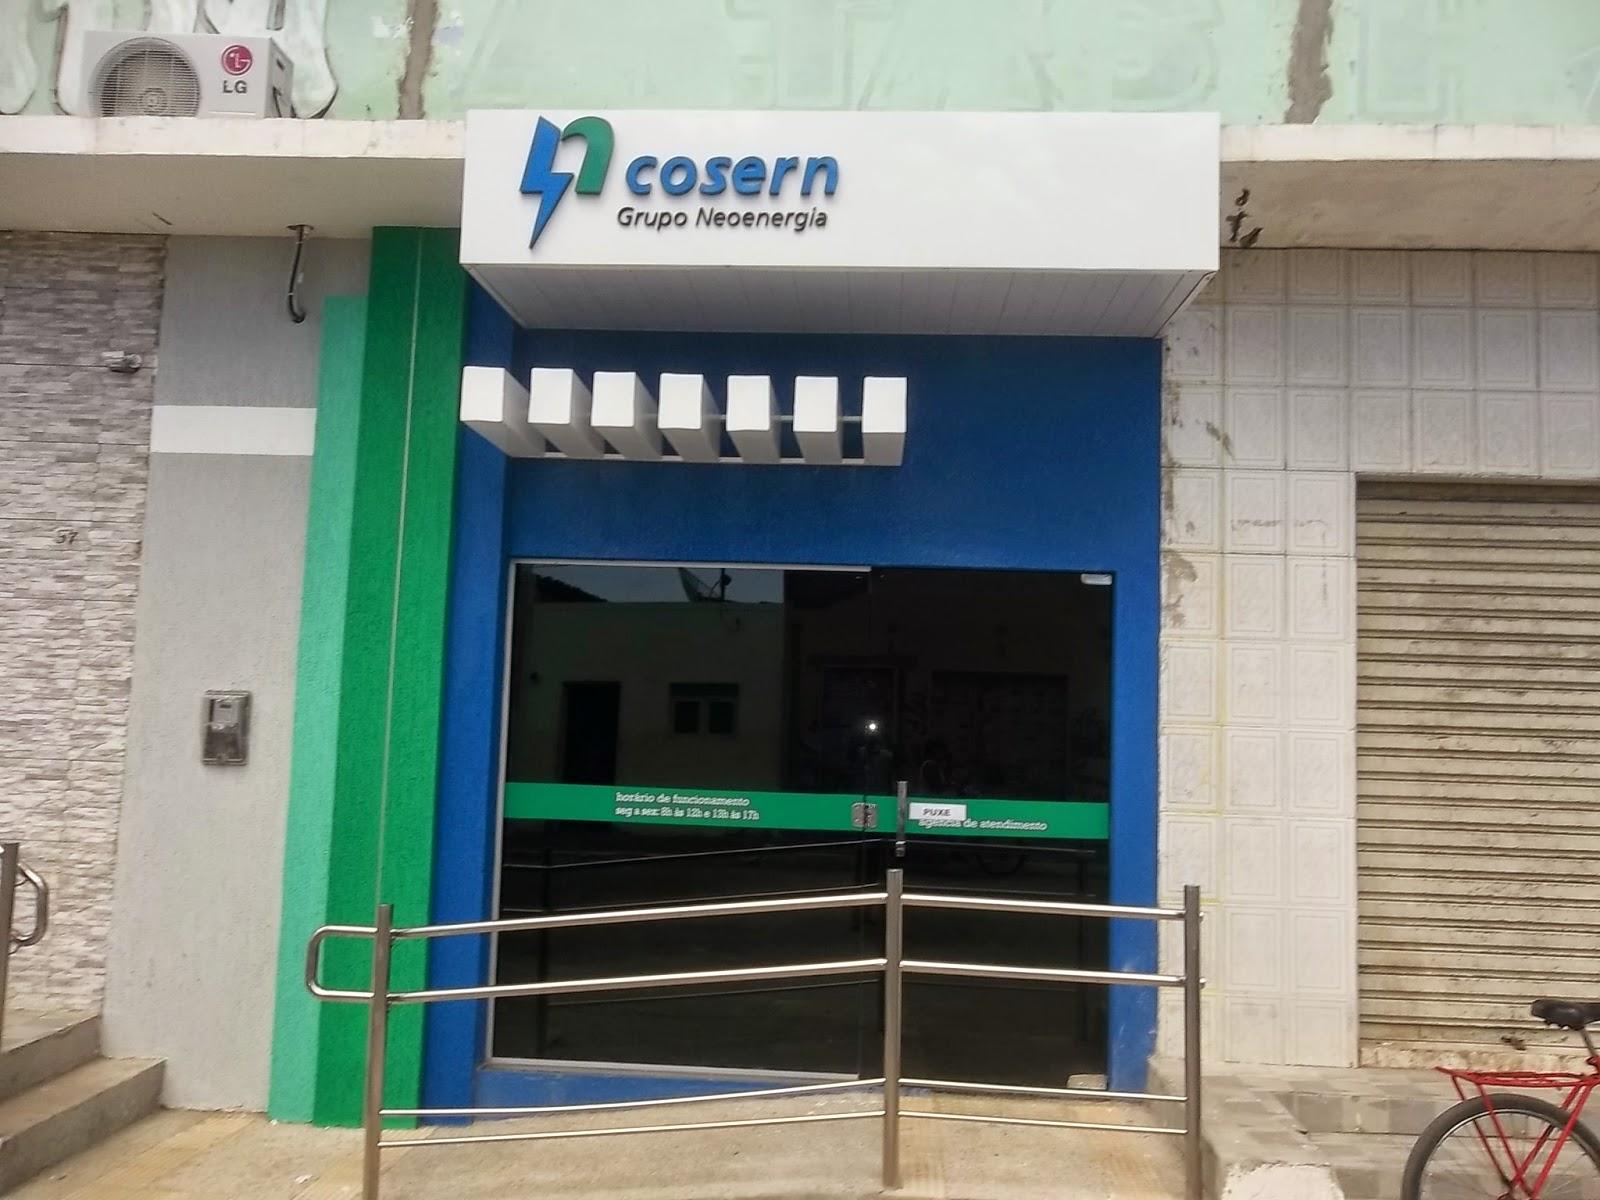 Posto da Rede Cosern Serviços em Areia Branca funciona na rua Calafates (Foto: Reprodução)